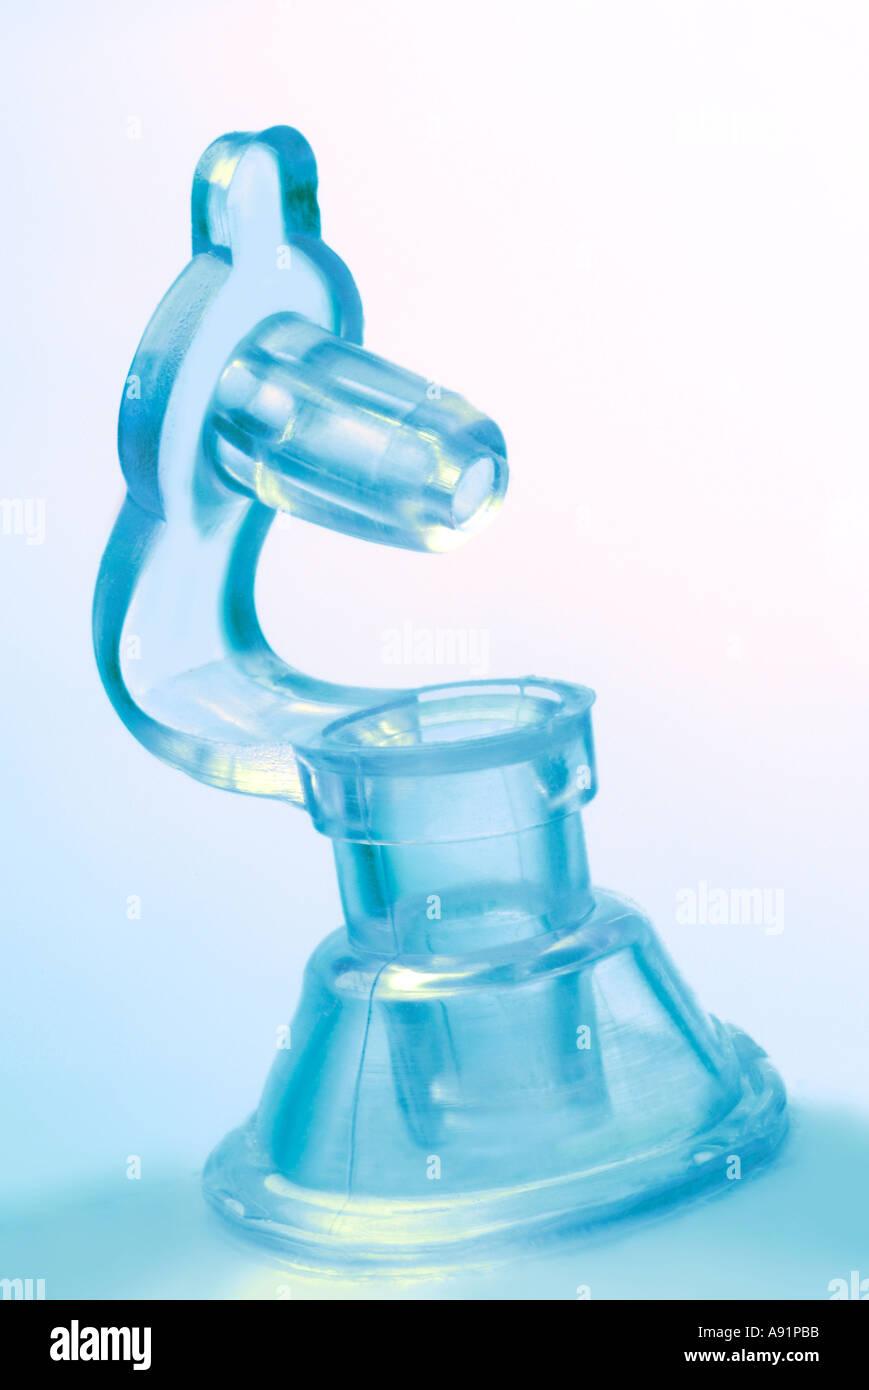 valve Ventil - Stock Image